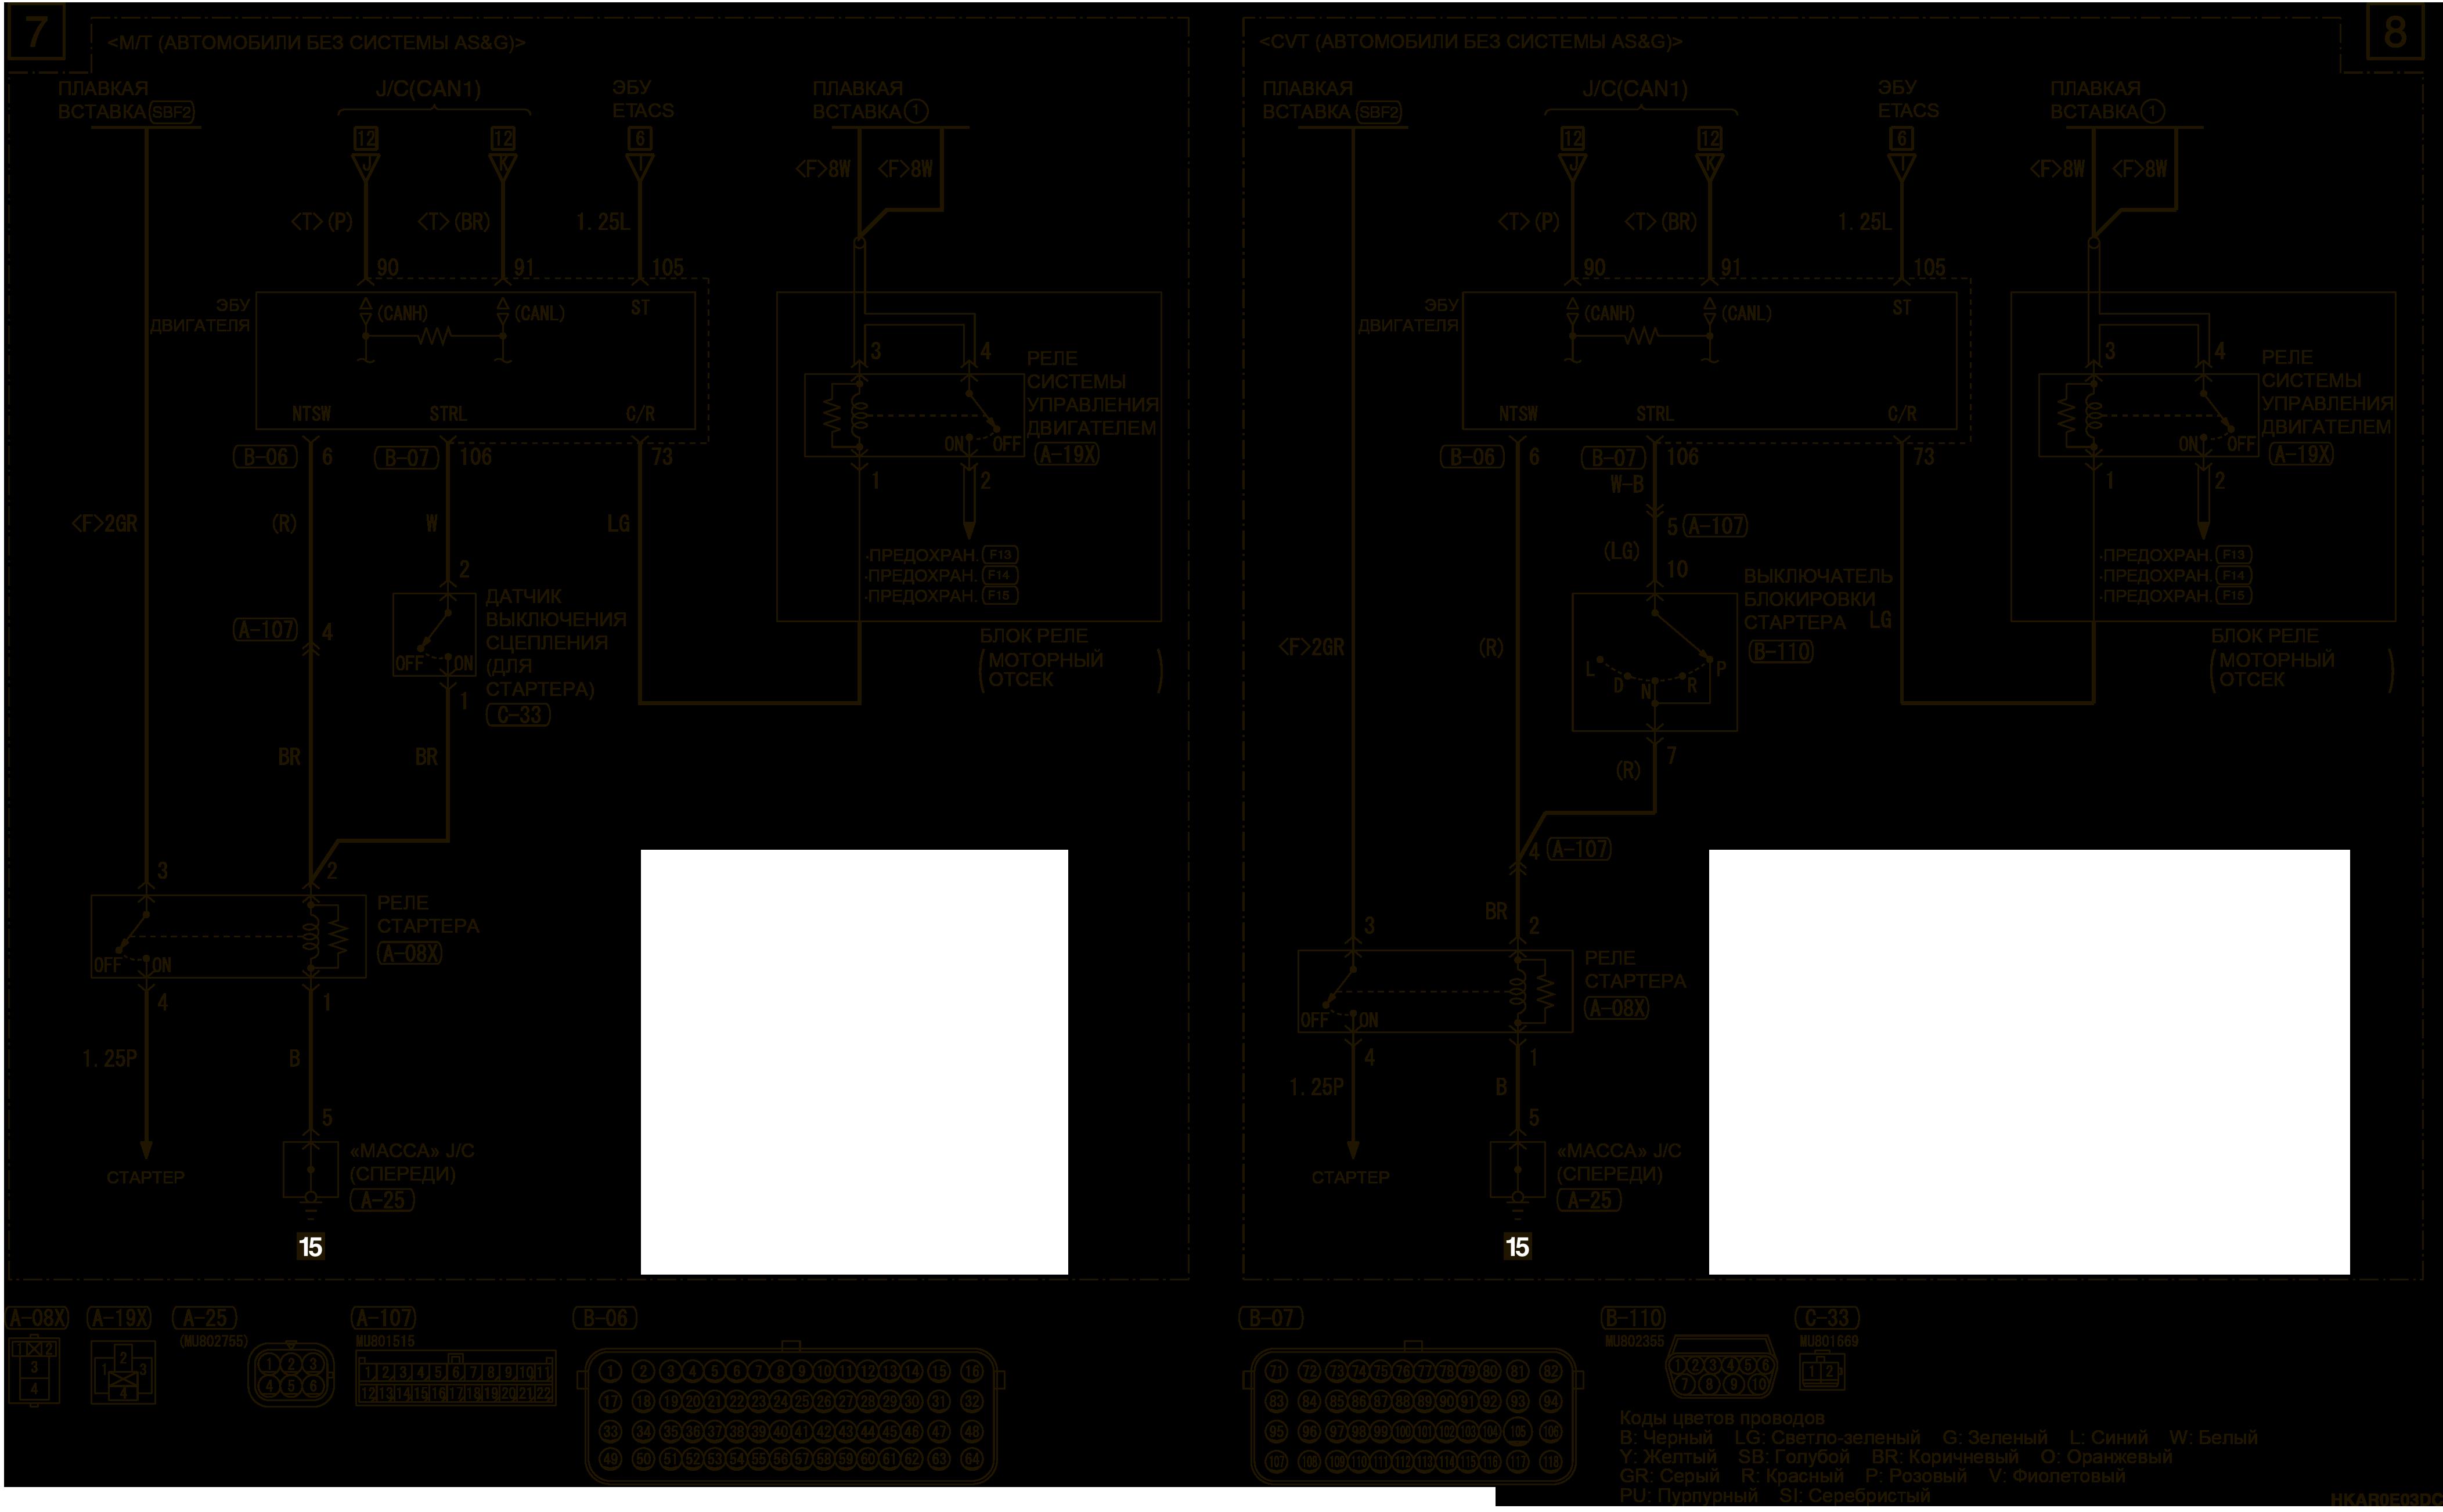 mmc аутлендер 3 2019 электросхемаСИСТЕМА ЗАПУСКА ДВИГАТЕЛЯ ОДНИМ КАСАНИЕМ (OSS) ЛЕВОСТОРОННЕЕ УПРАВЛЕНИЕ